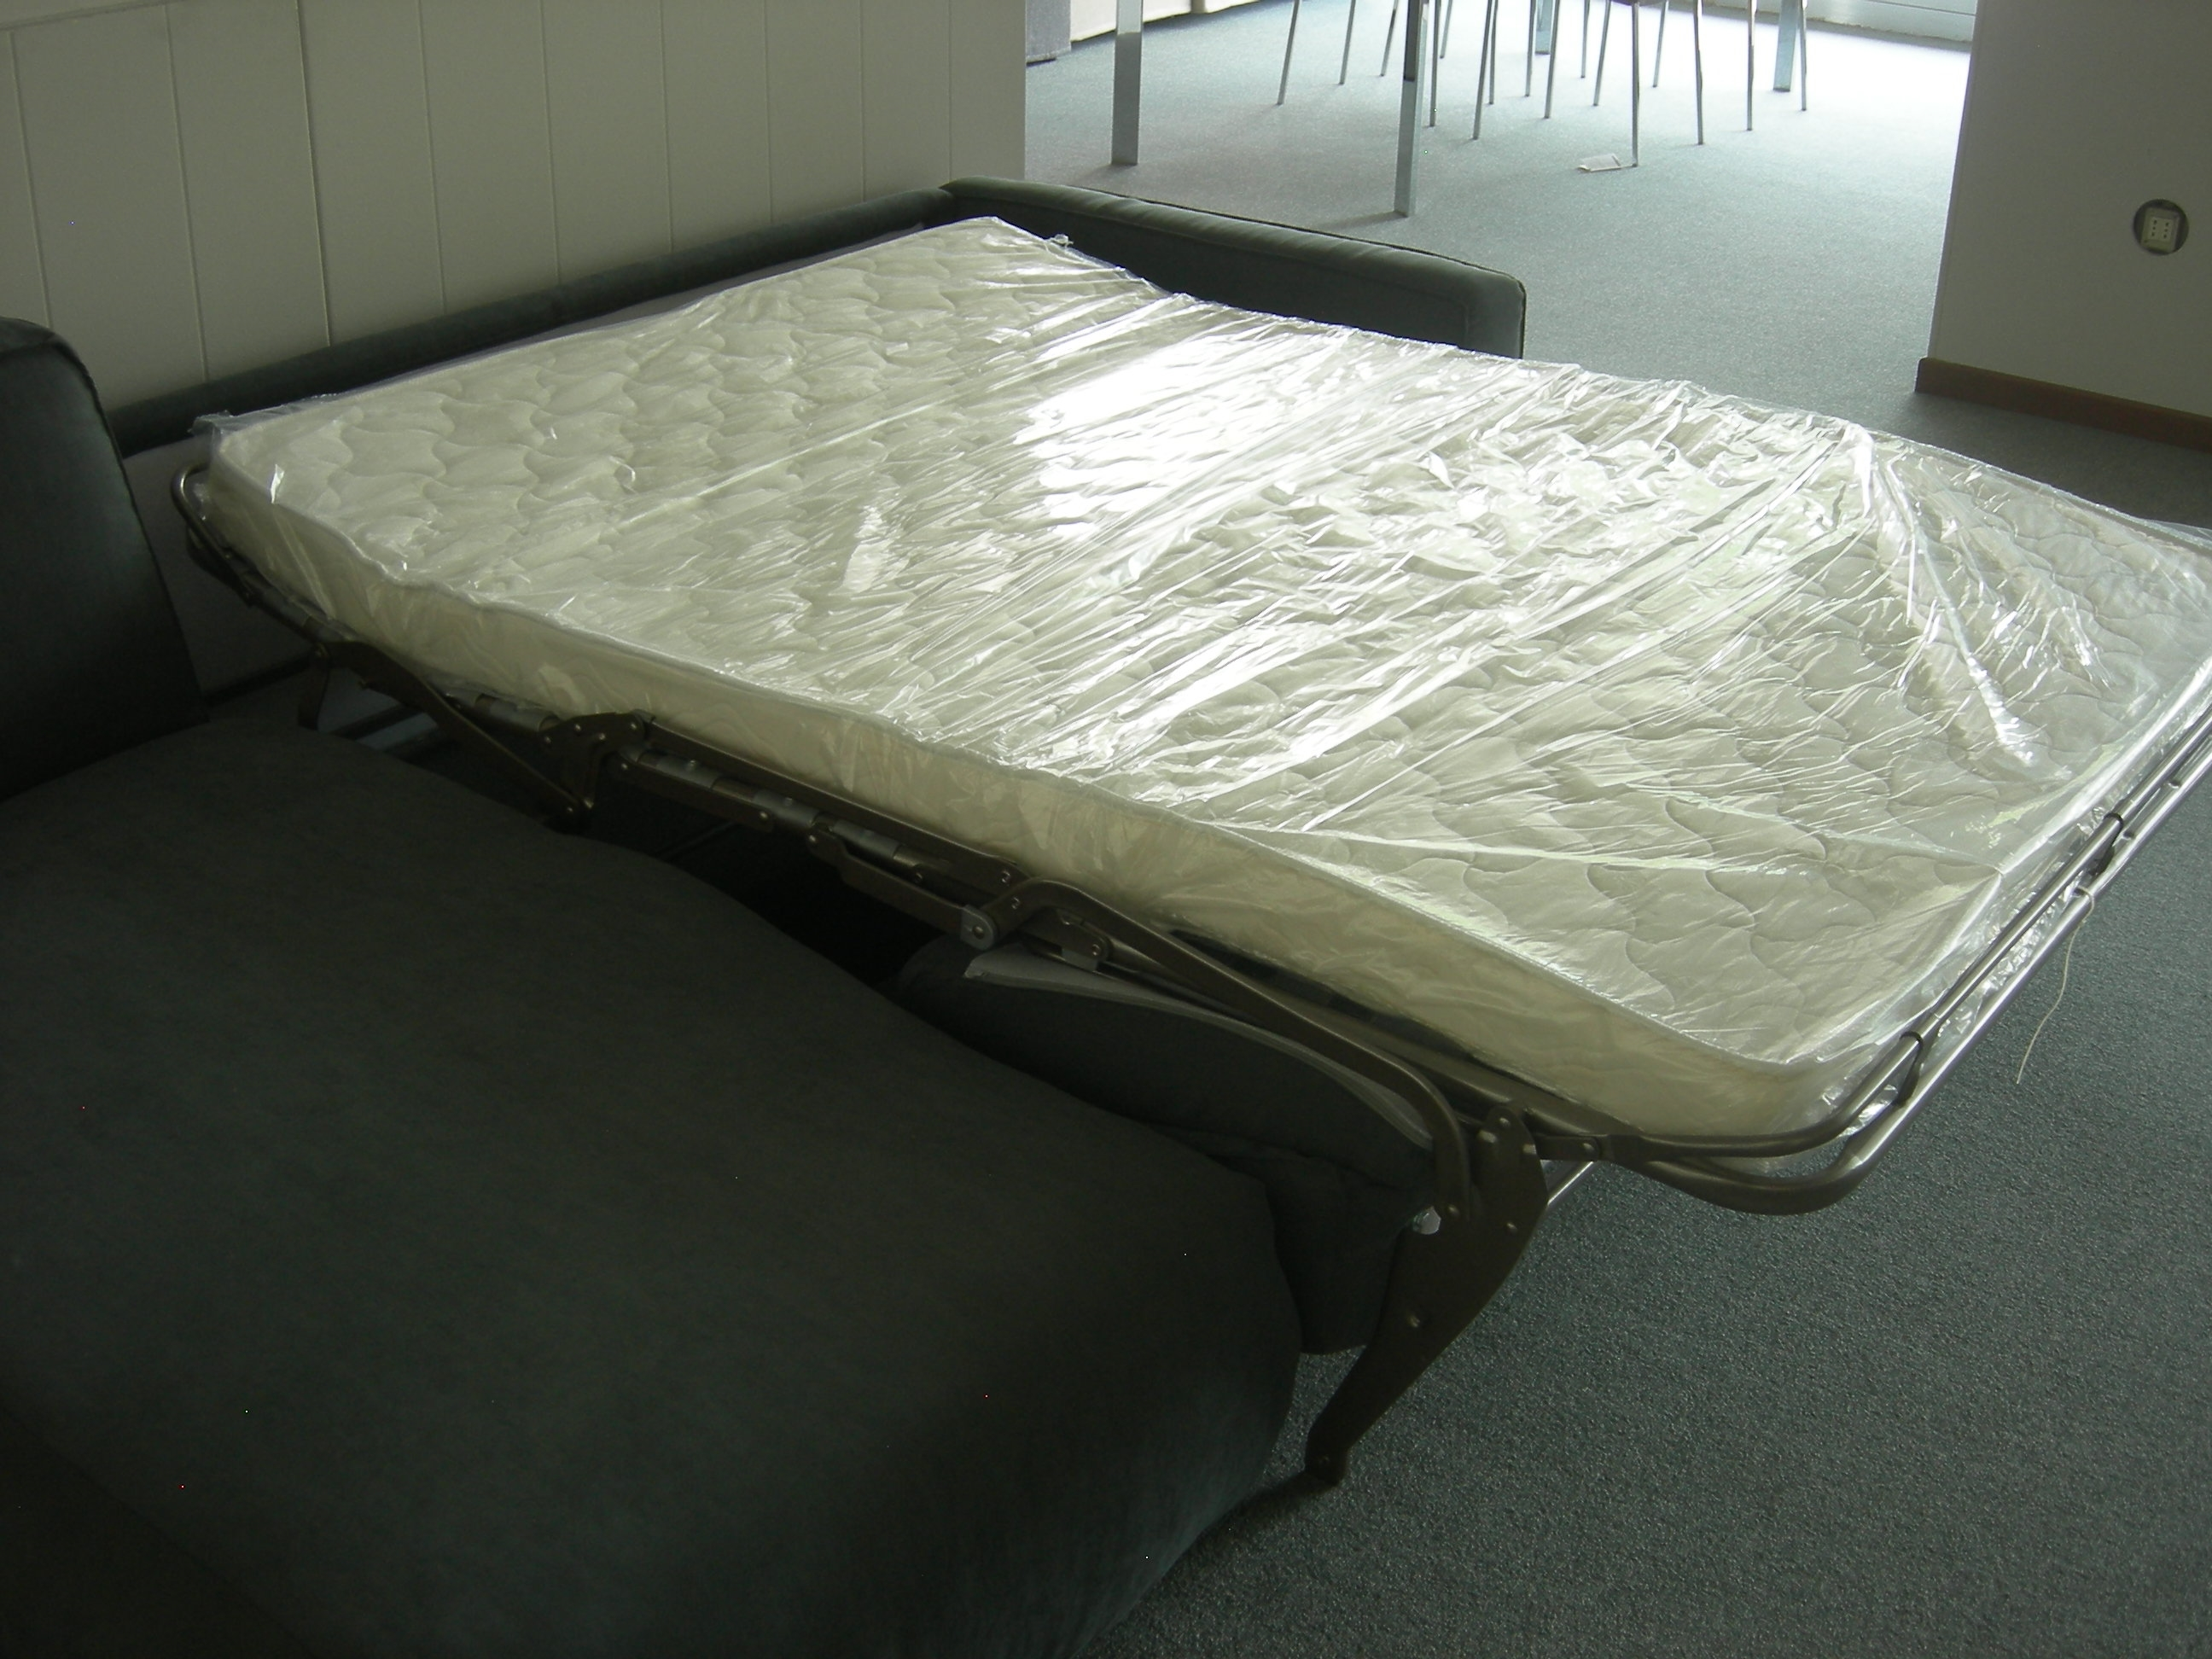 Divano letto skipper con penisola di de angeli divani a - Divano letto con cassettone ...